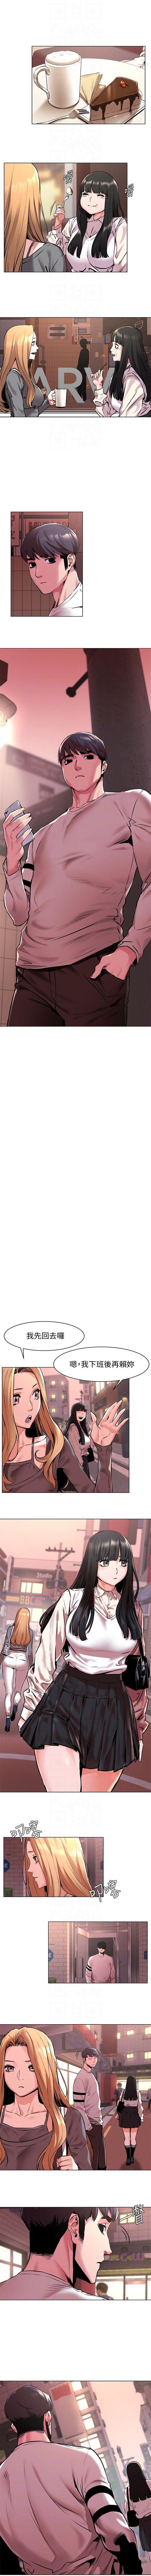 (週5)衝突 1-91 中文翻譯 (更新中) 332